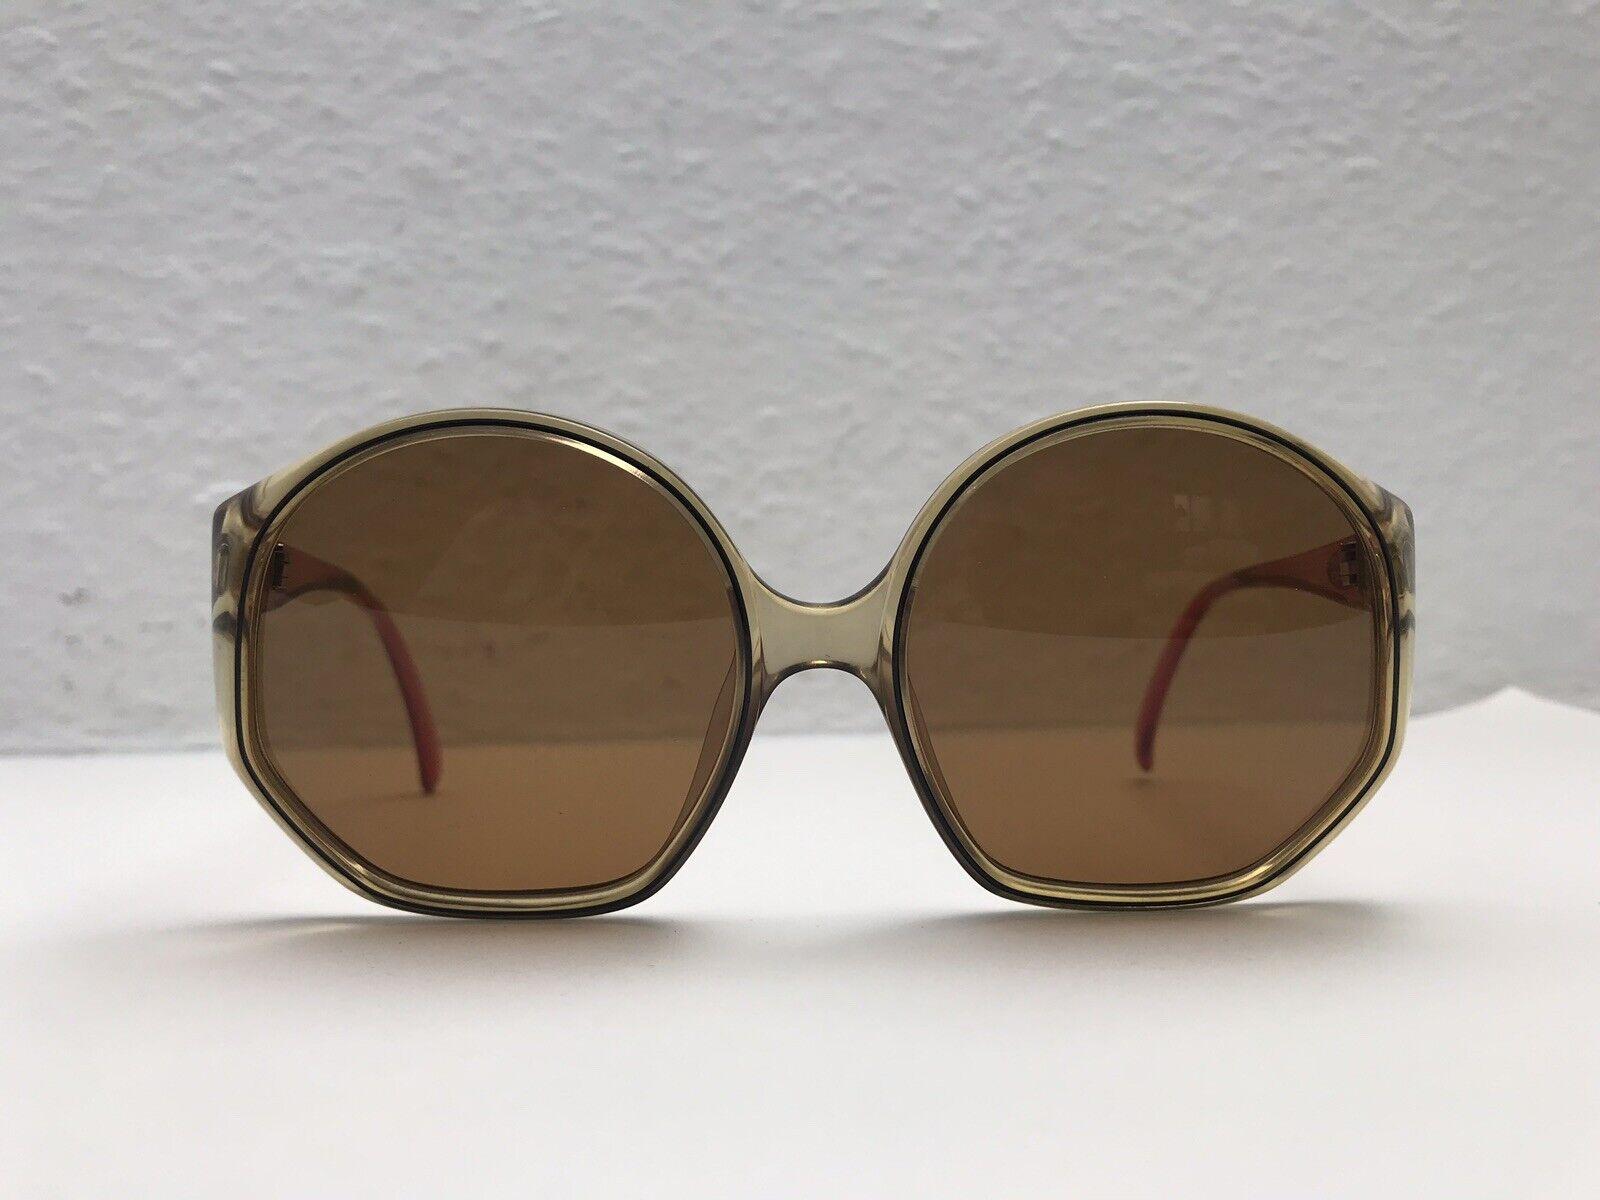 Original Christian Dior vintage Sonnenbrille 80er sunglasses     | Bestellung willkommen  | Deutschland Shops  | Neue Sorten werden eingeführt